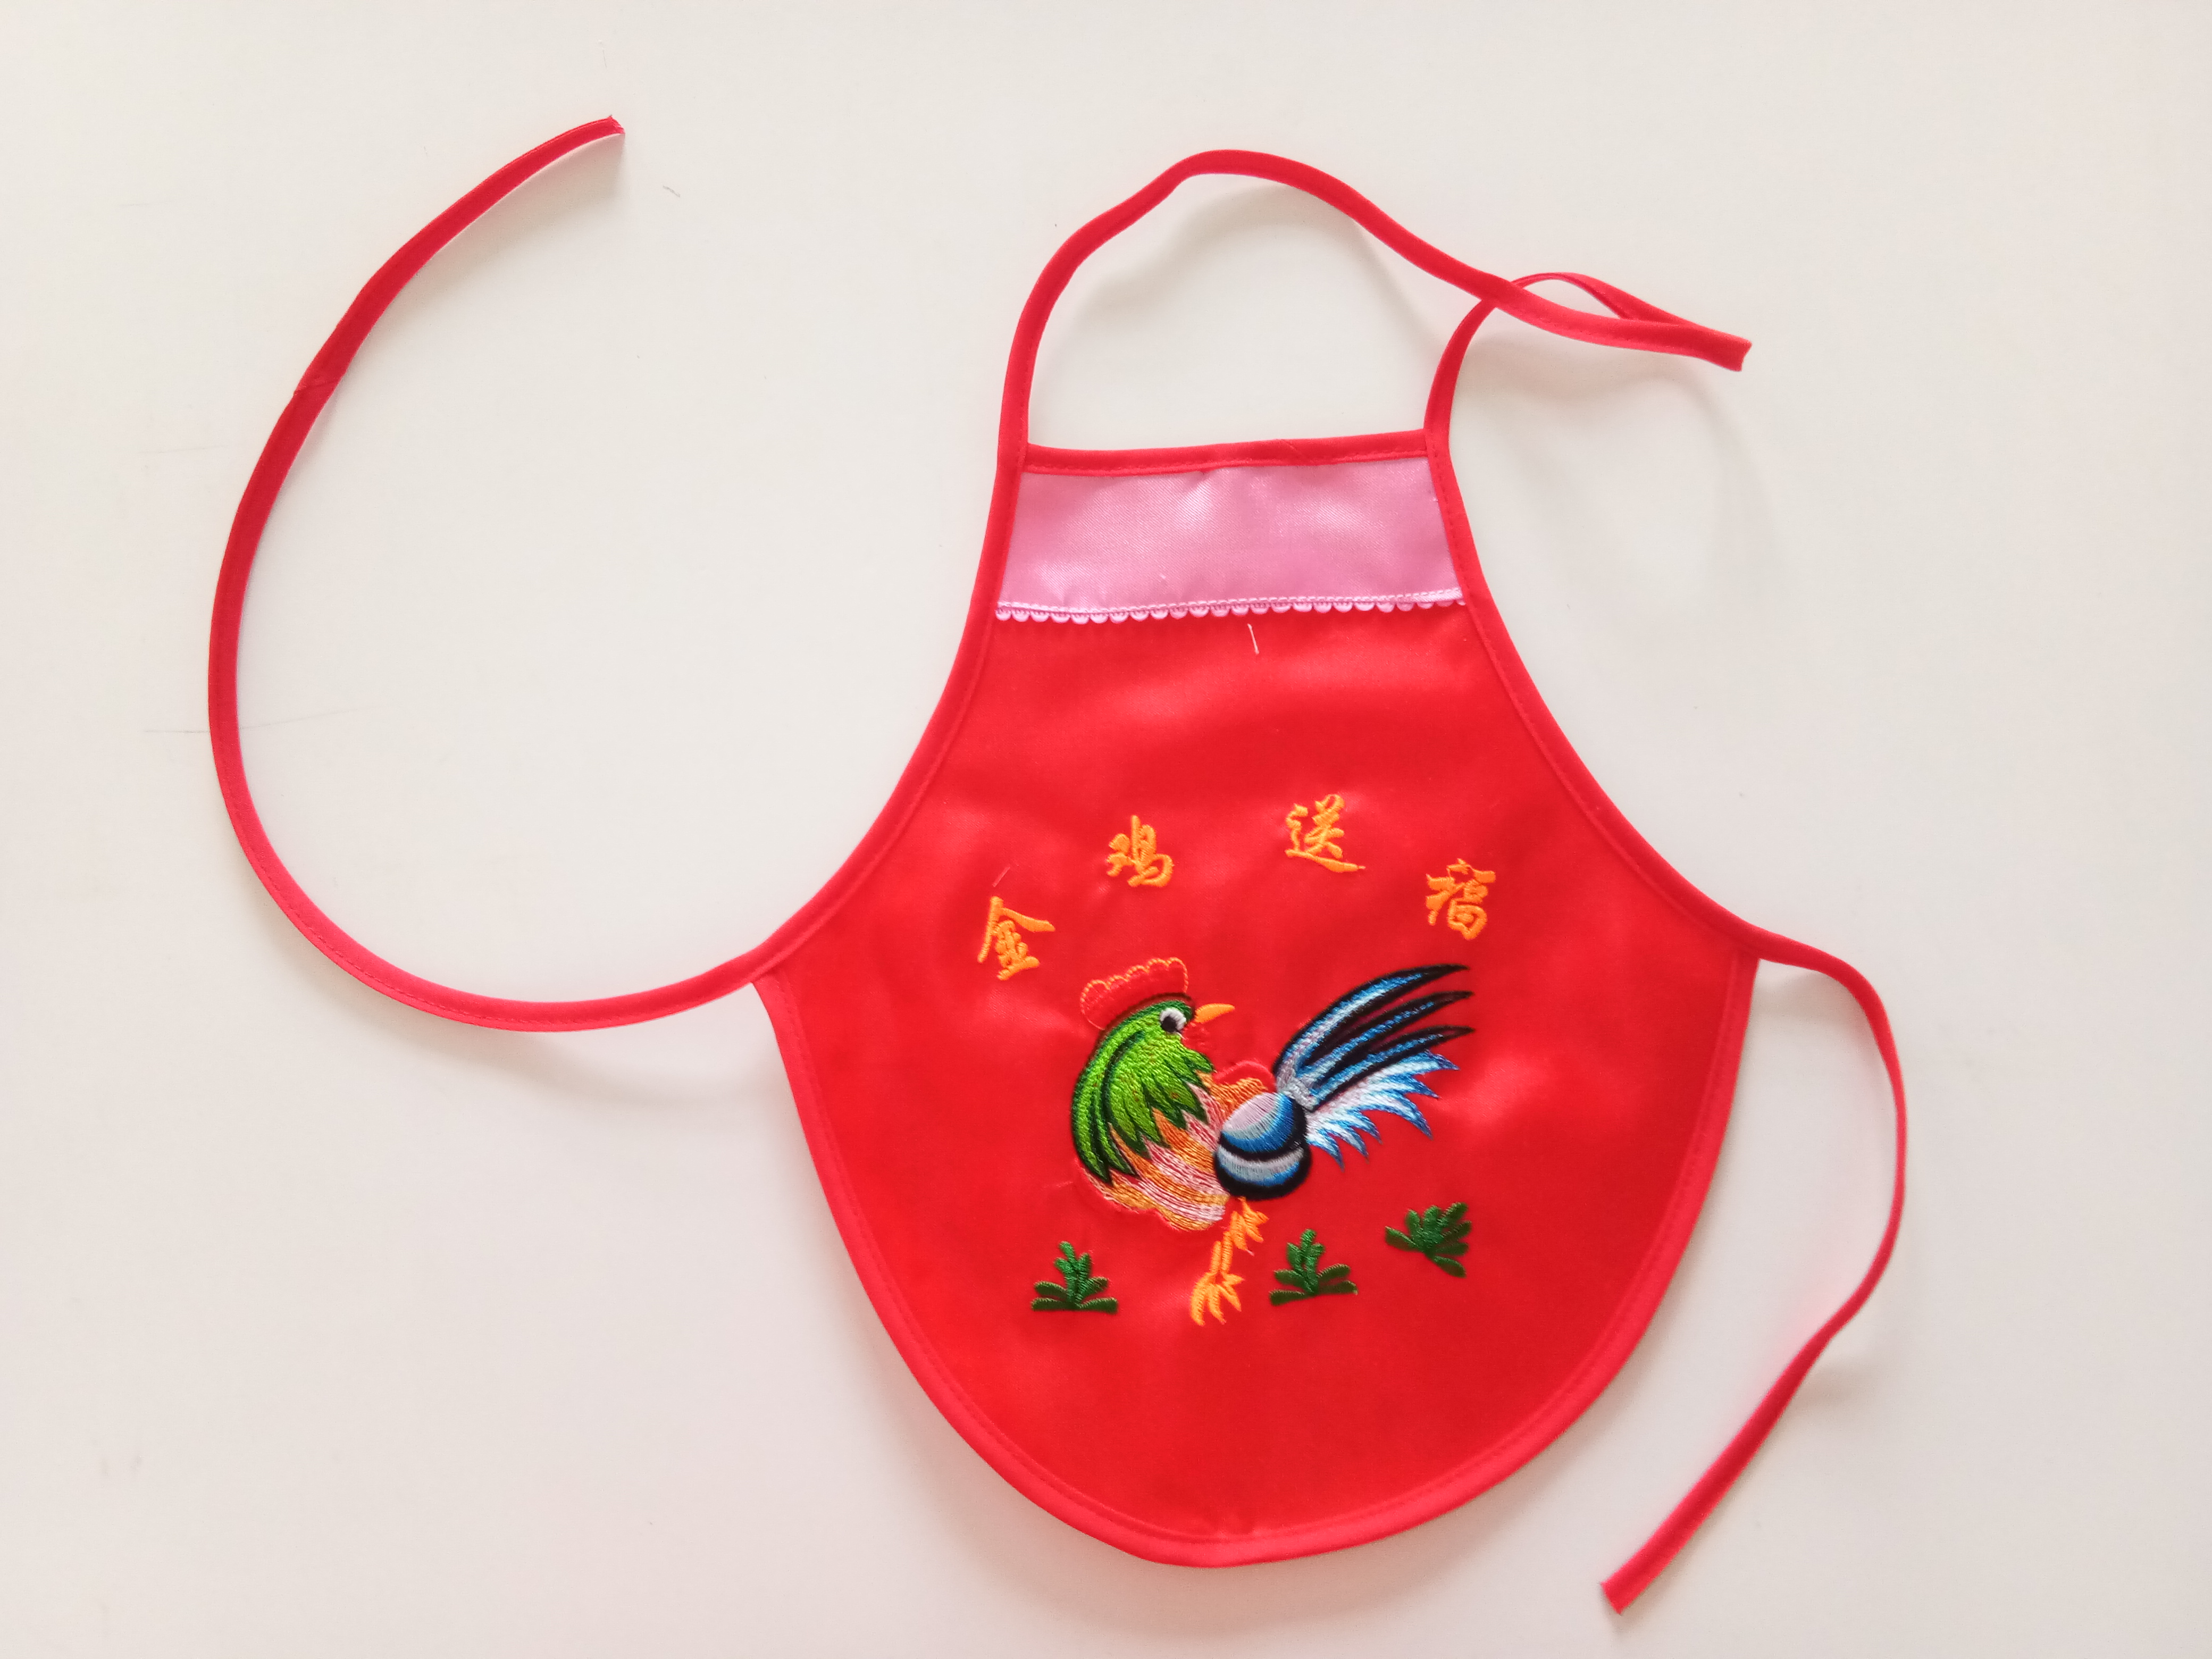 金鸡大红婴儿绣花肚兜 夏款肚兜肚围 宝宝刺绣肚围